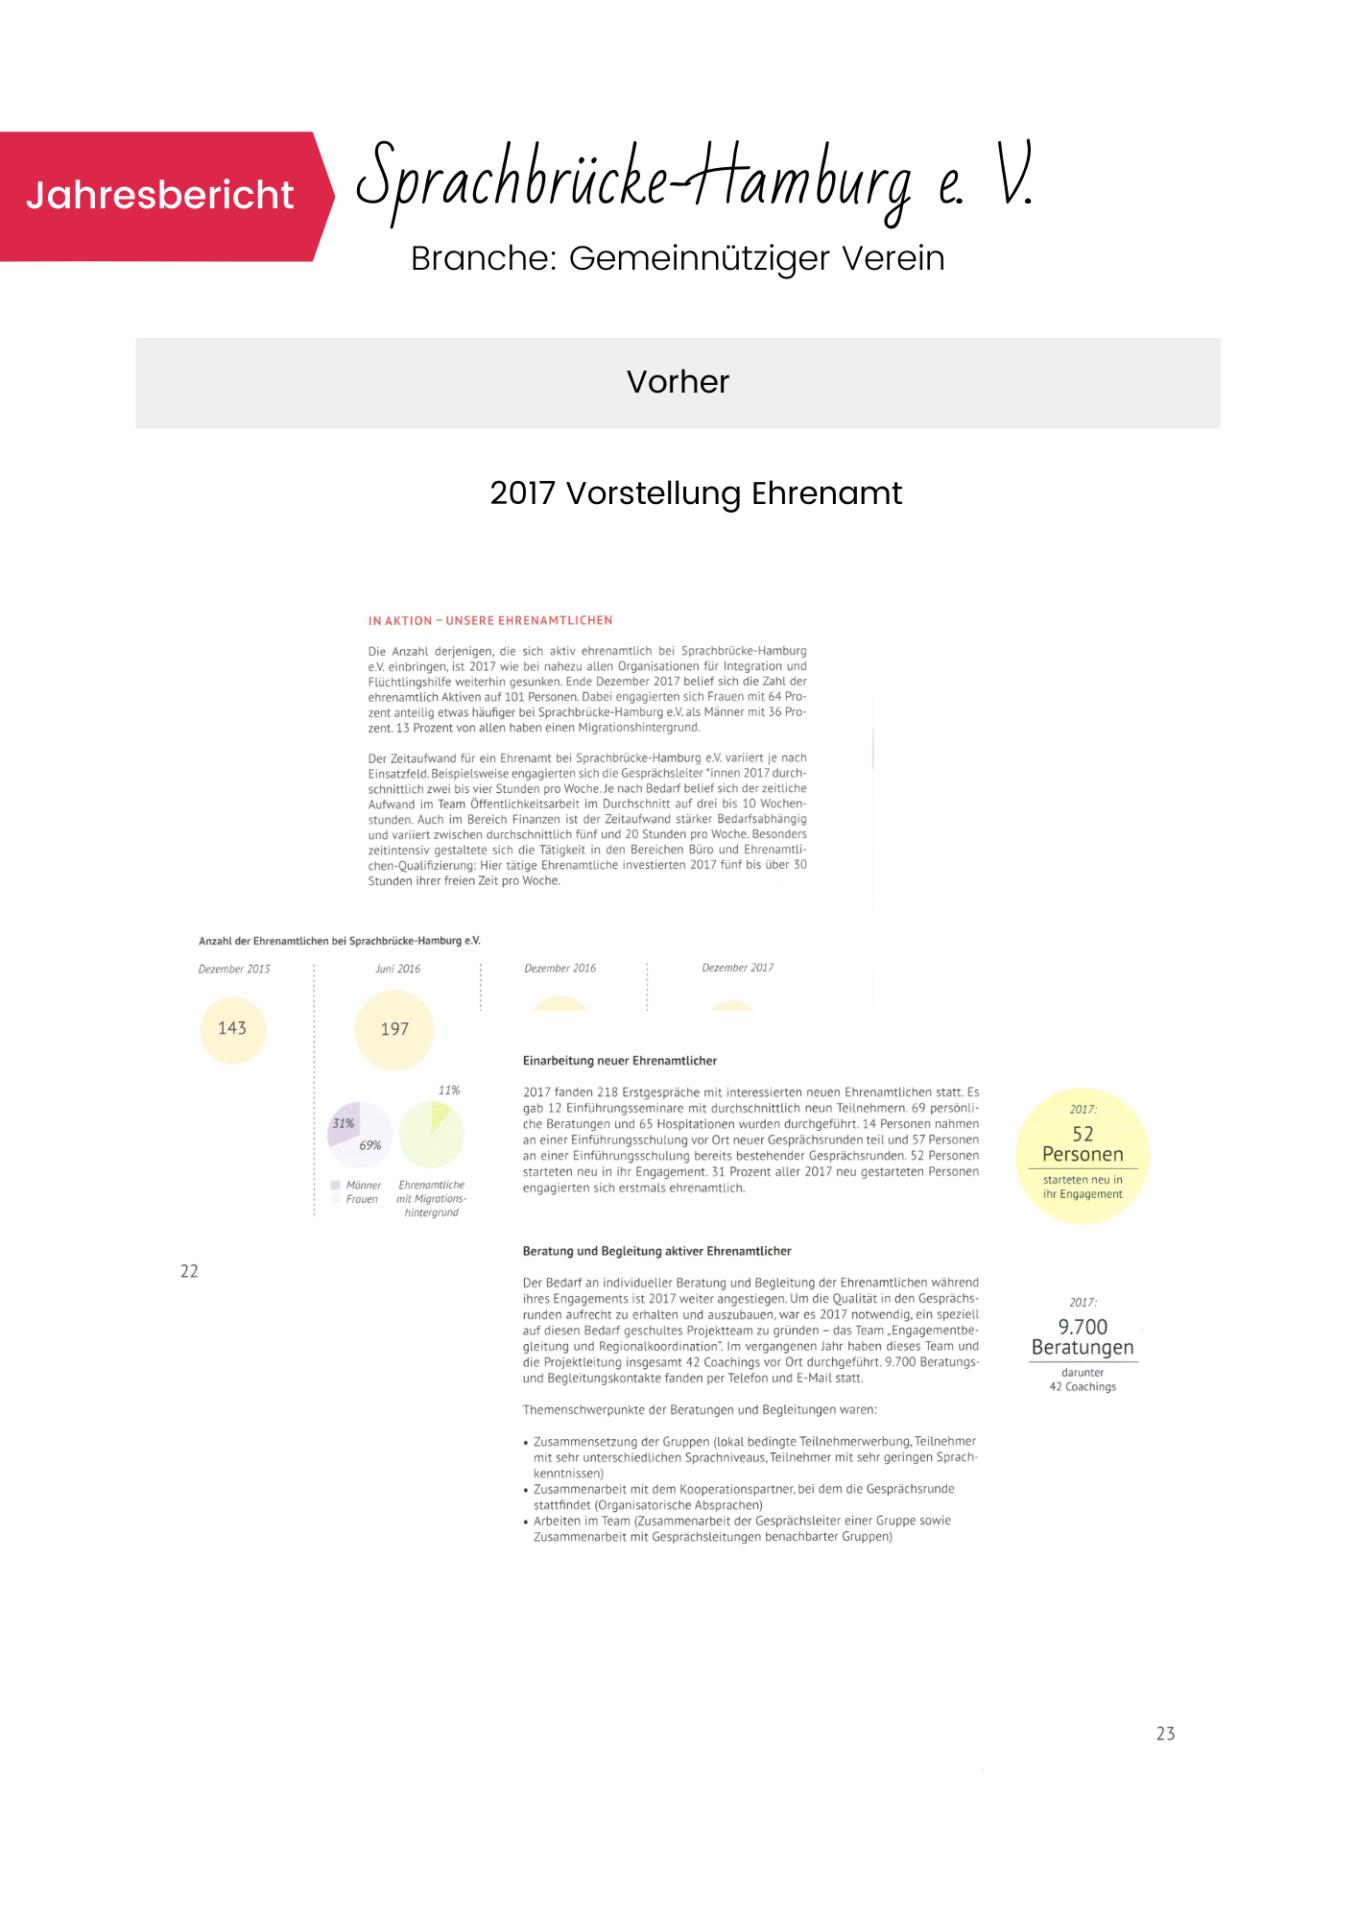 Abbildungen des Jahresberichts von Sprachbrücke-Hamburg e. V. 2017